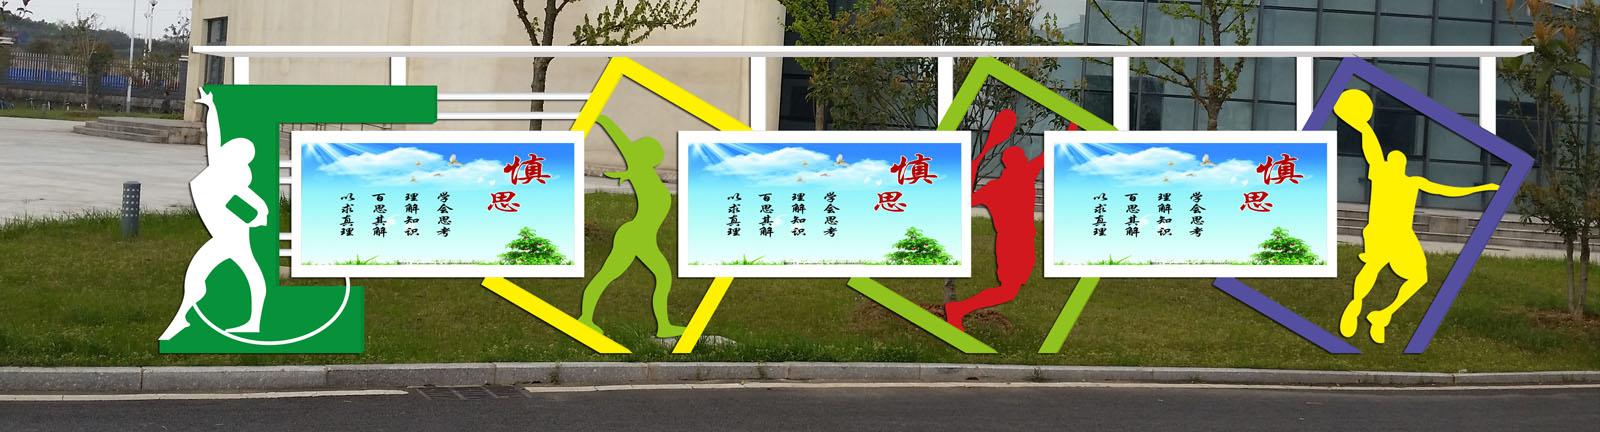 安庆公交候车亭